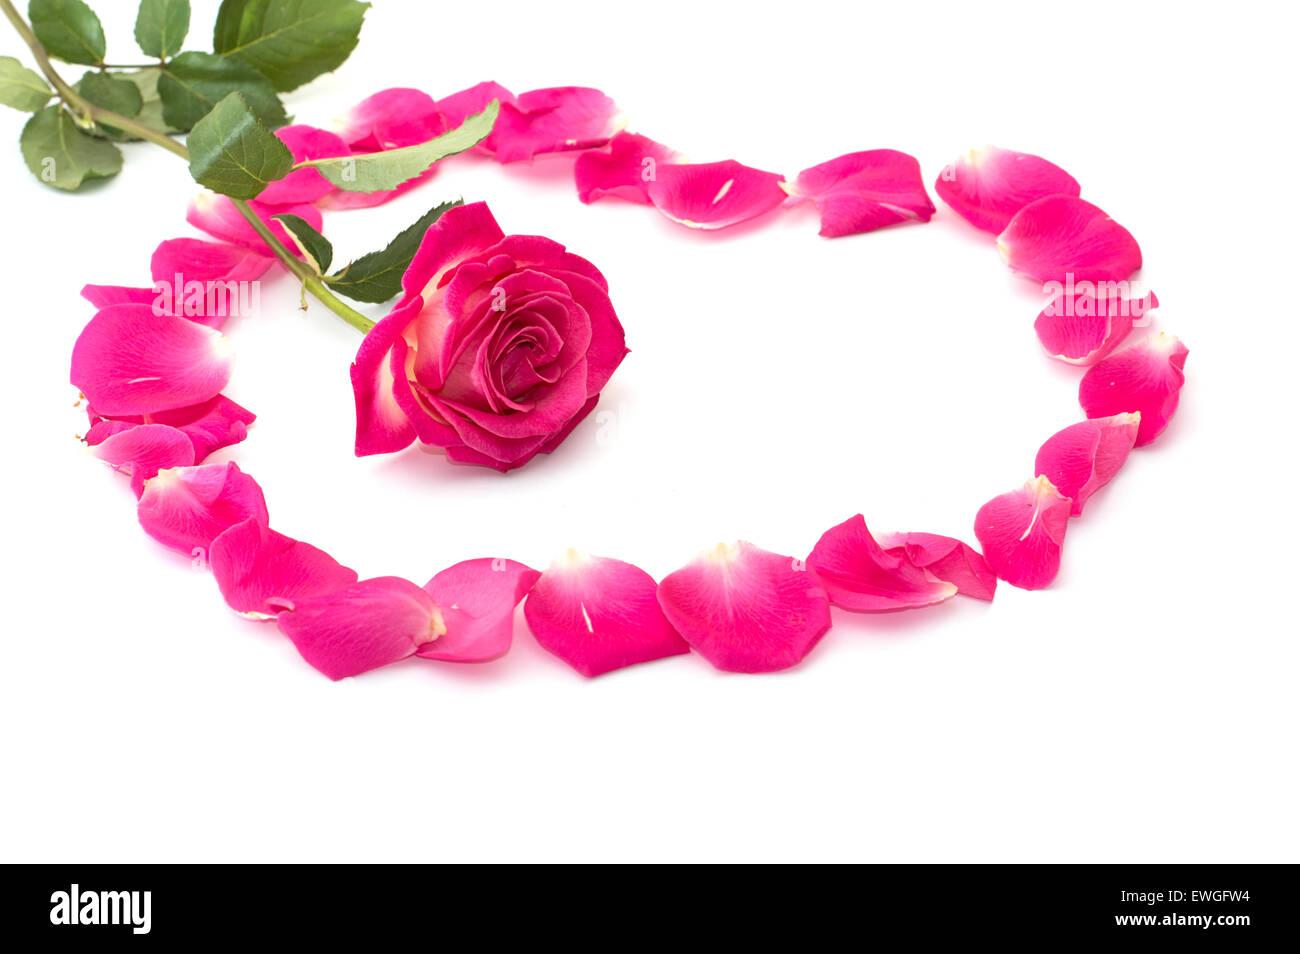 Fiore di un rosa rosa al centro del cuore da lobi Immagini Stock